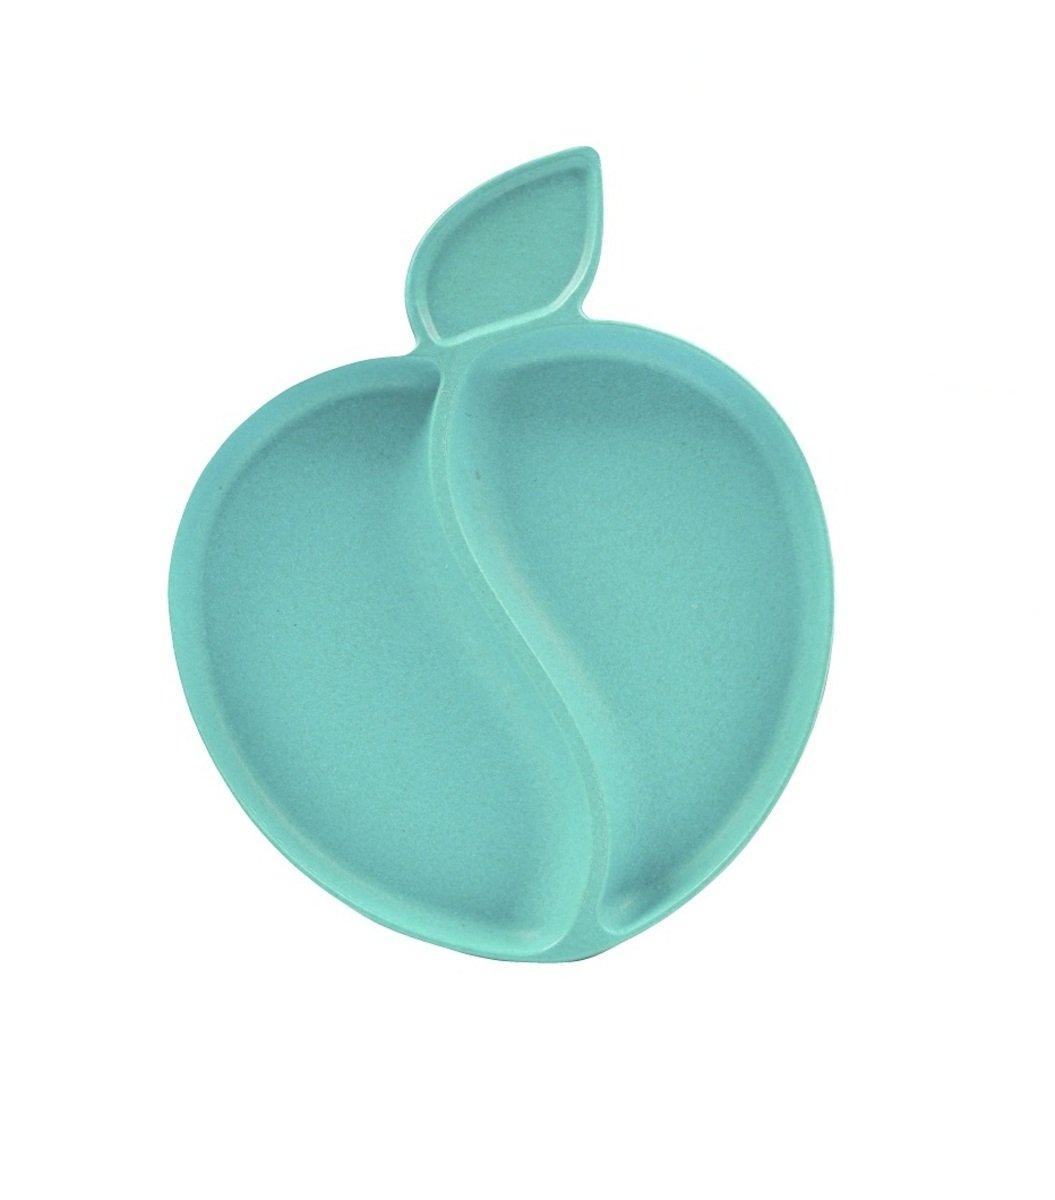 竹纖維蘋果碟-粉藍